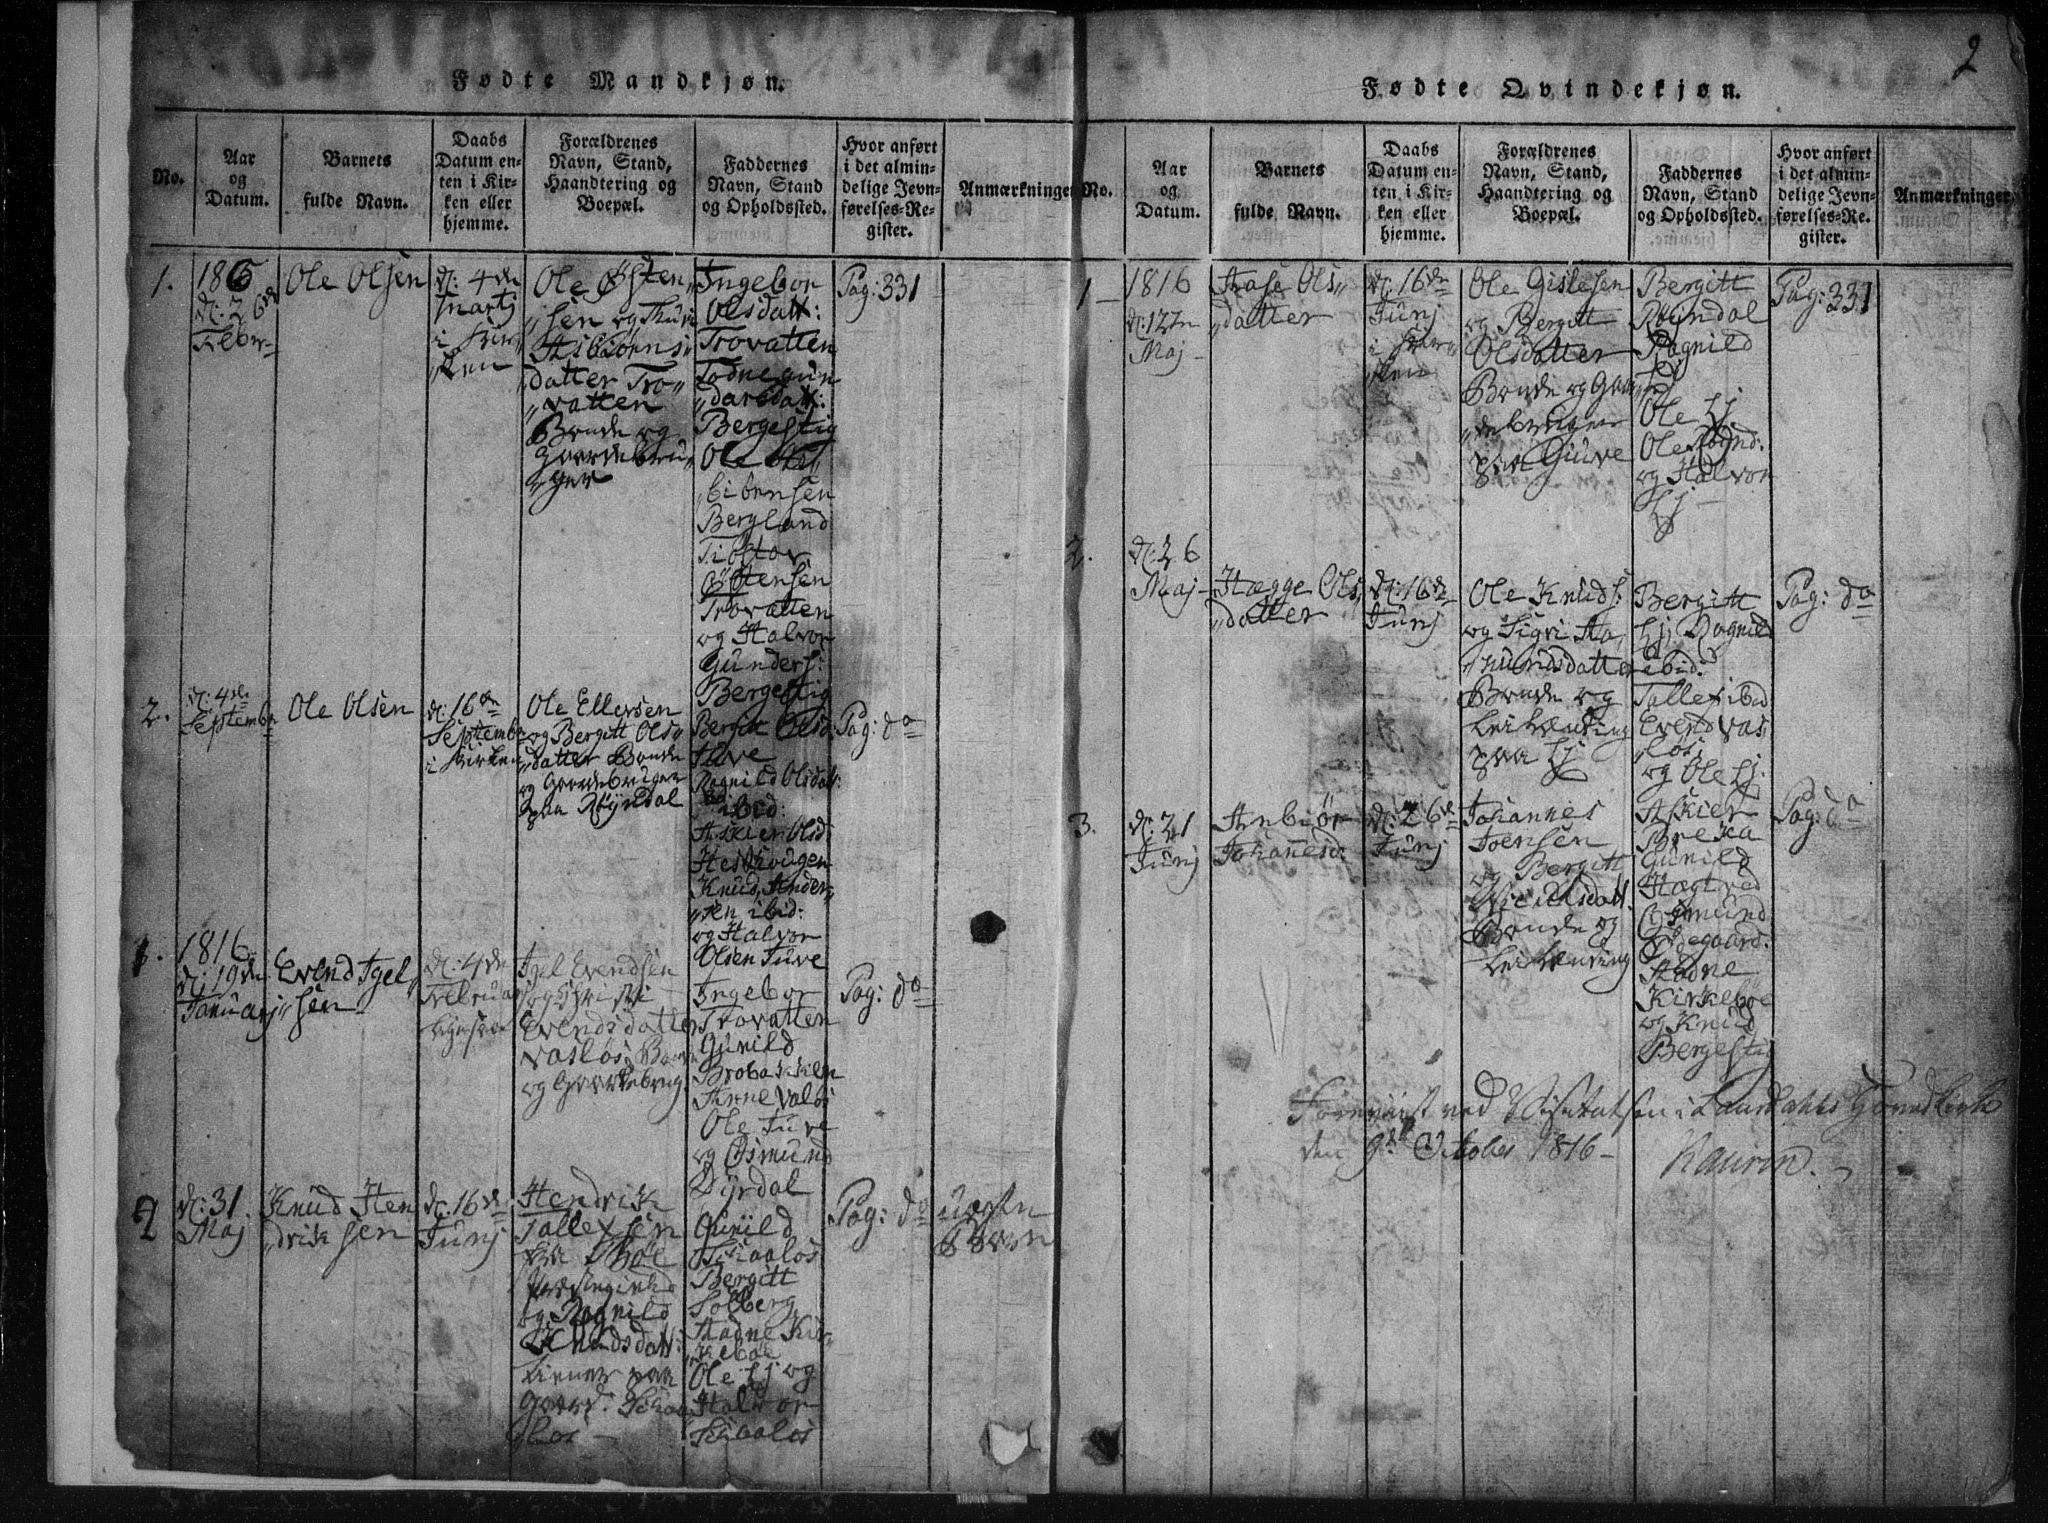 SAKO, Rauland kirkebøker, G/Gb/L0001: Klokkerbok nr. II 1, 1815-1886, s. 2